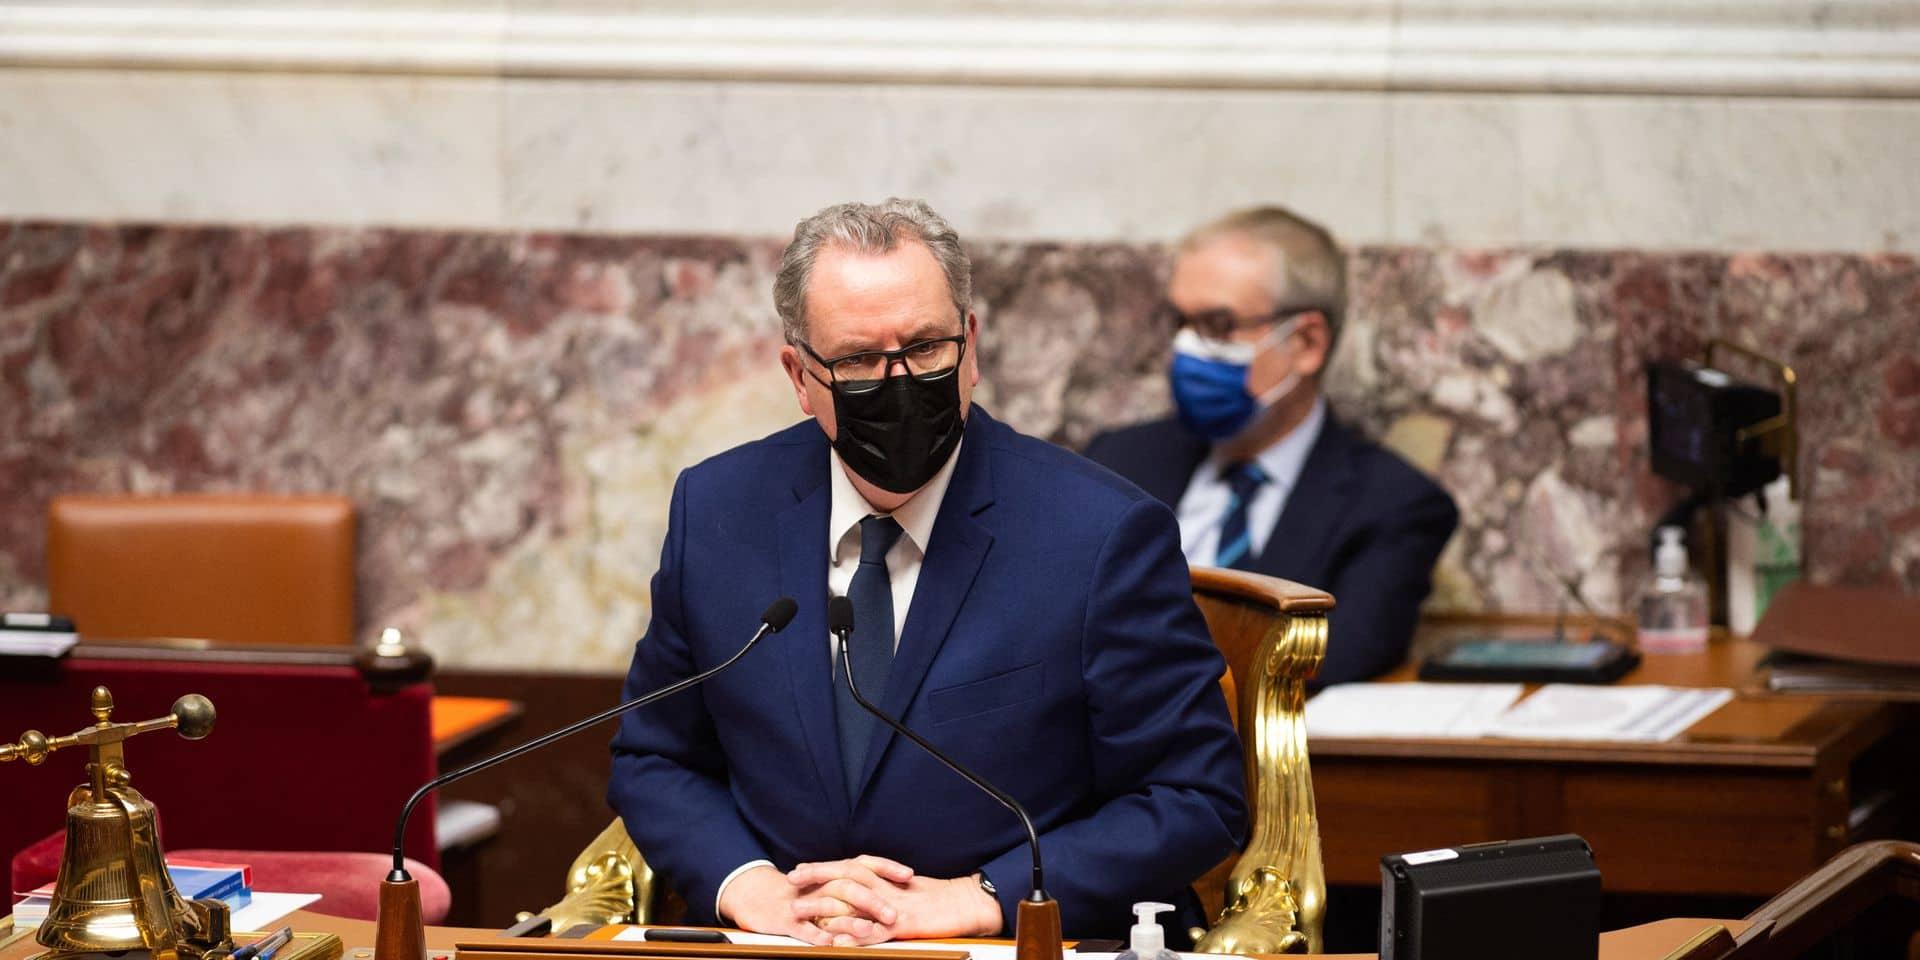 Le pass sanitaire sera-t-il aussi obligatoire pour les députés français ?